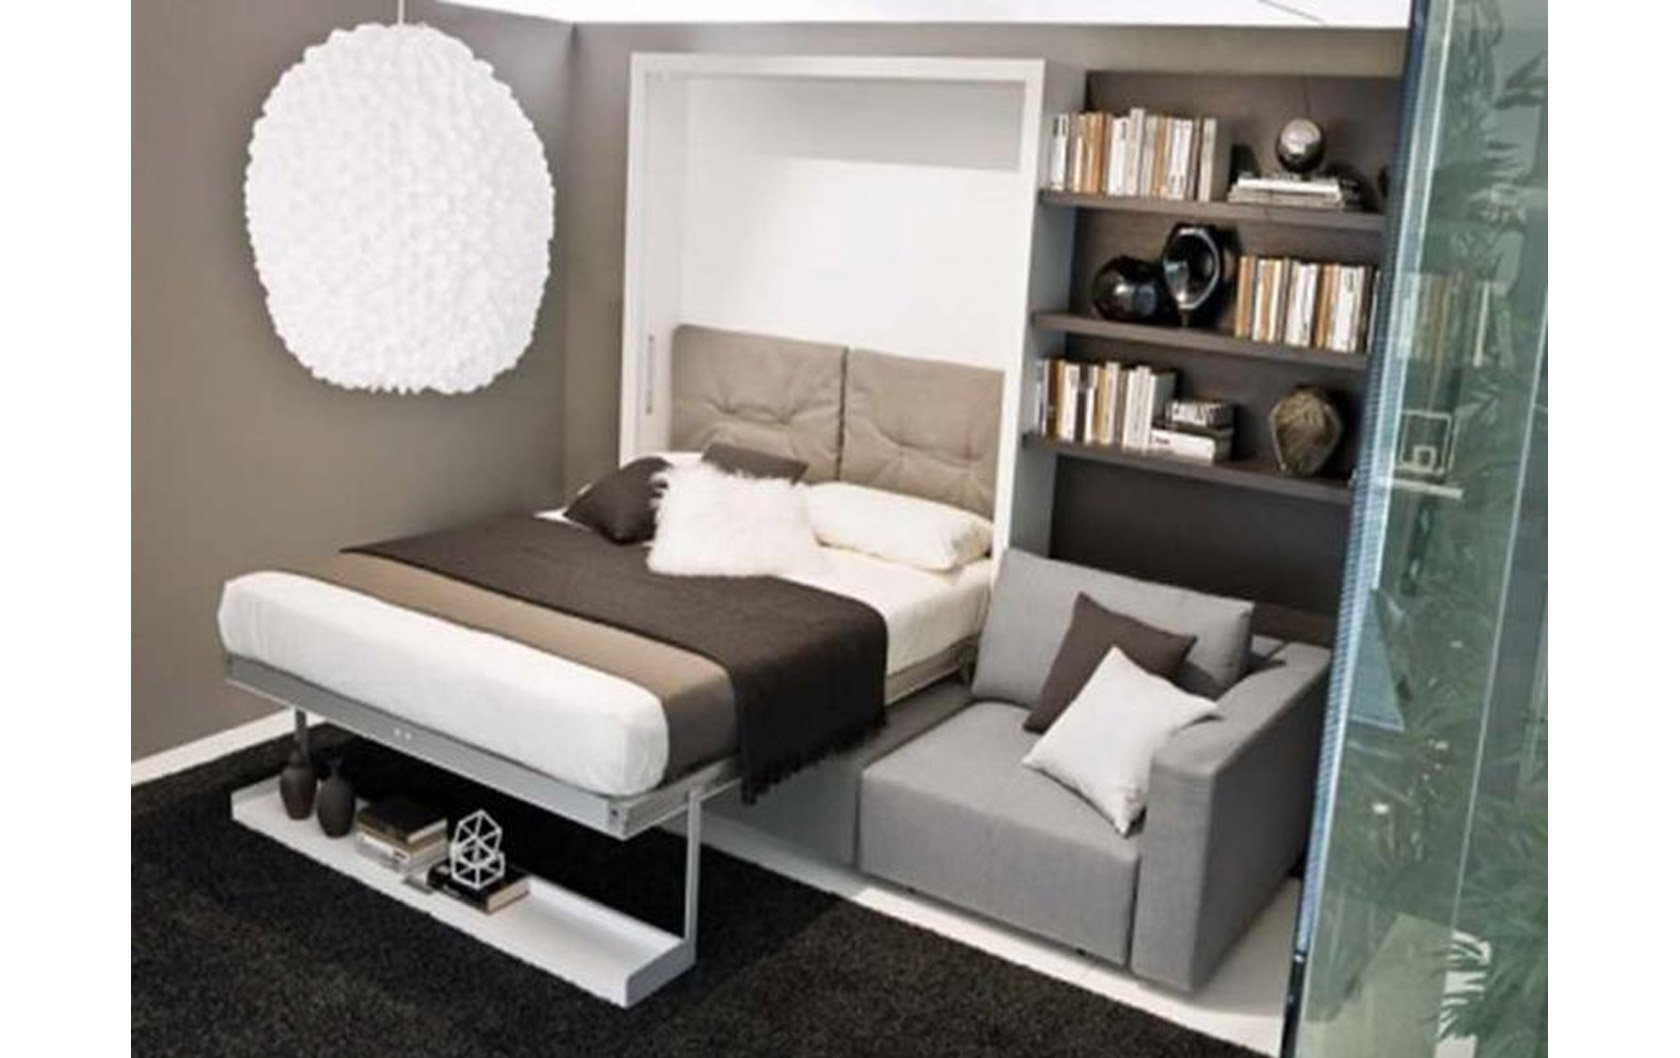 saumur-sofa-bed